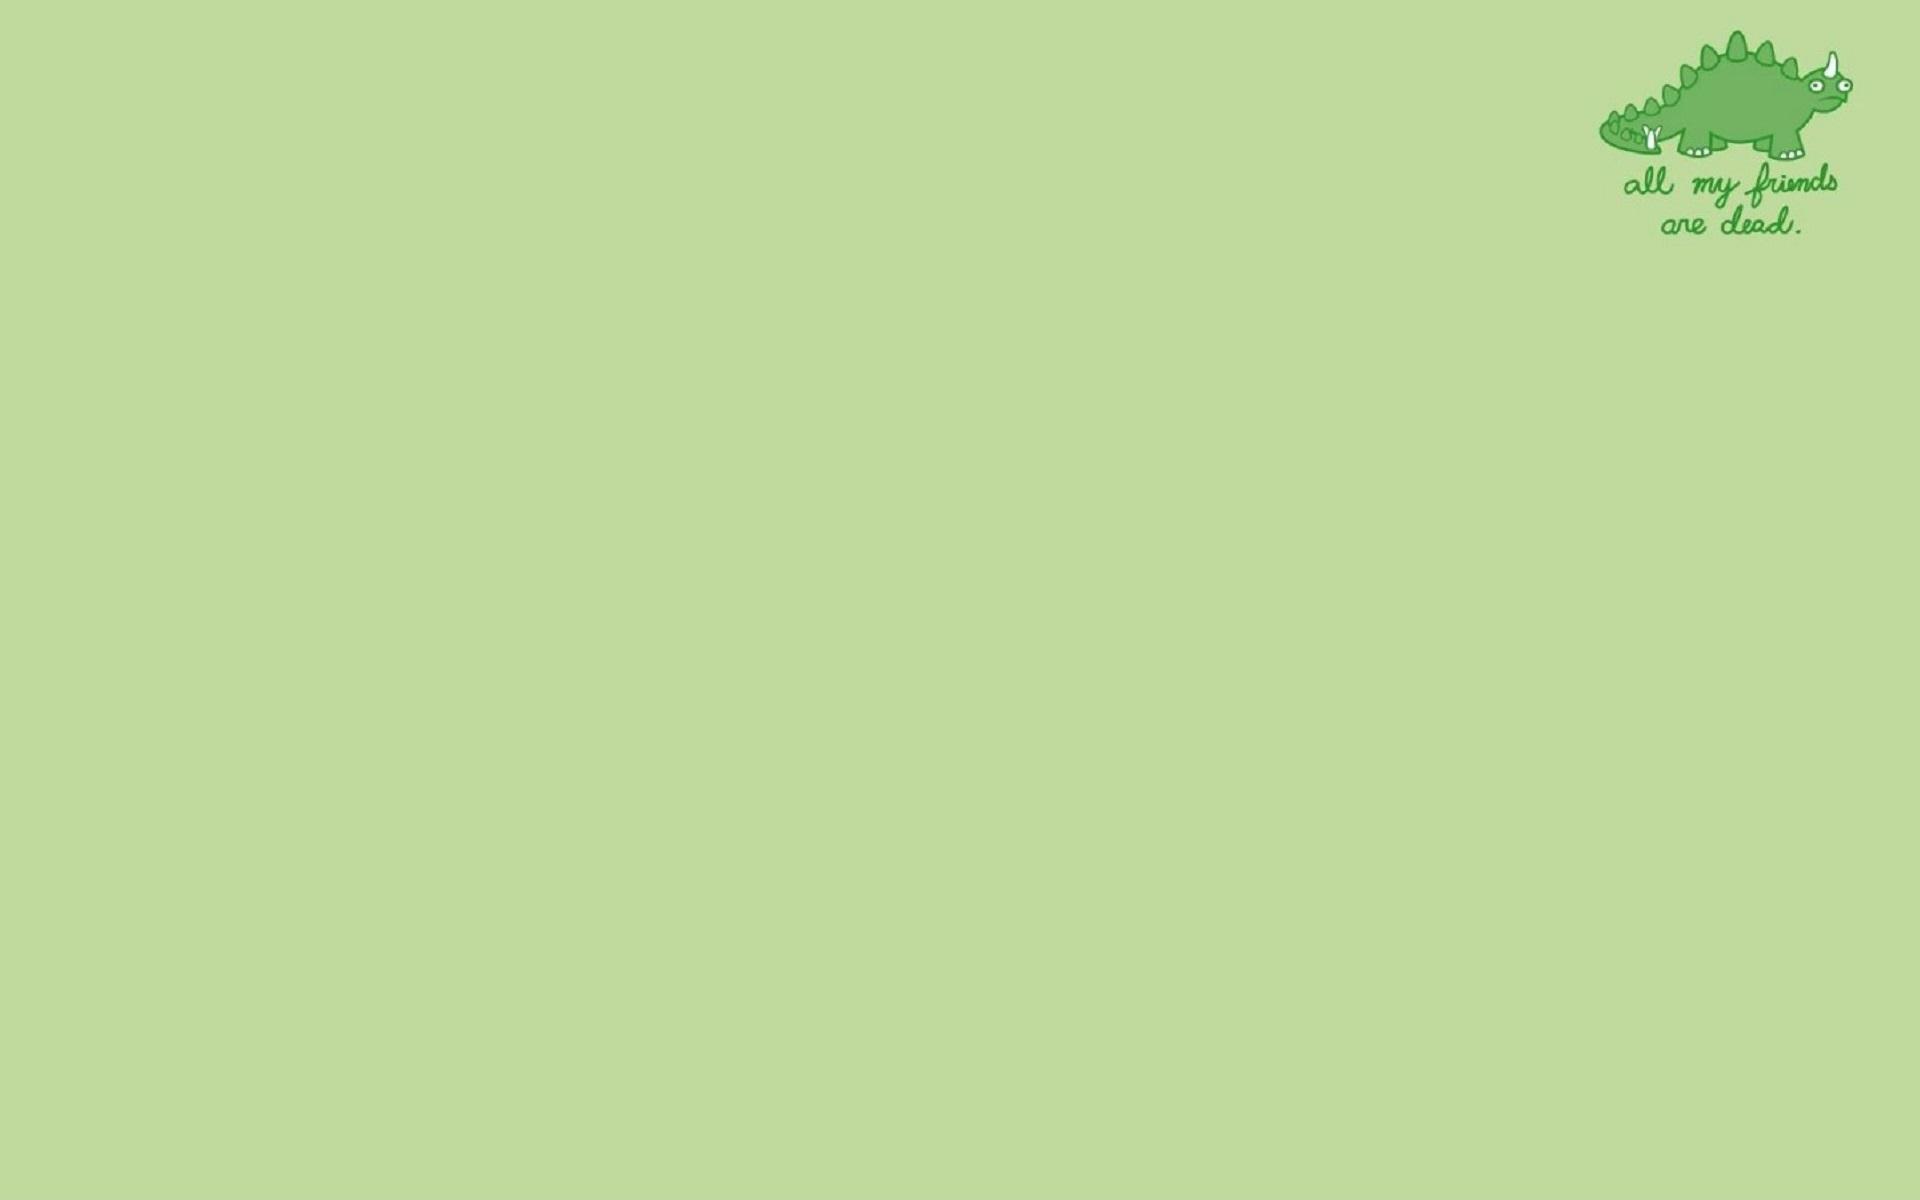 简约淡雅ppt背景图片 1920 215 1200分辨率8张 北海亭 最简单实用的电脑知识、it信息技术网站